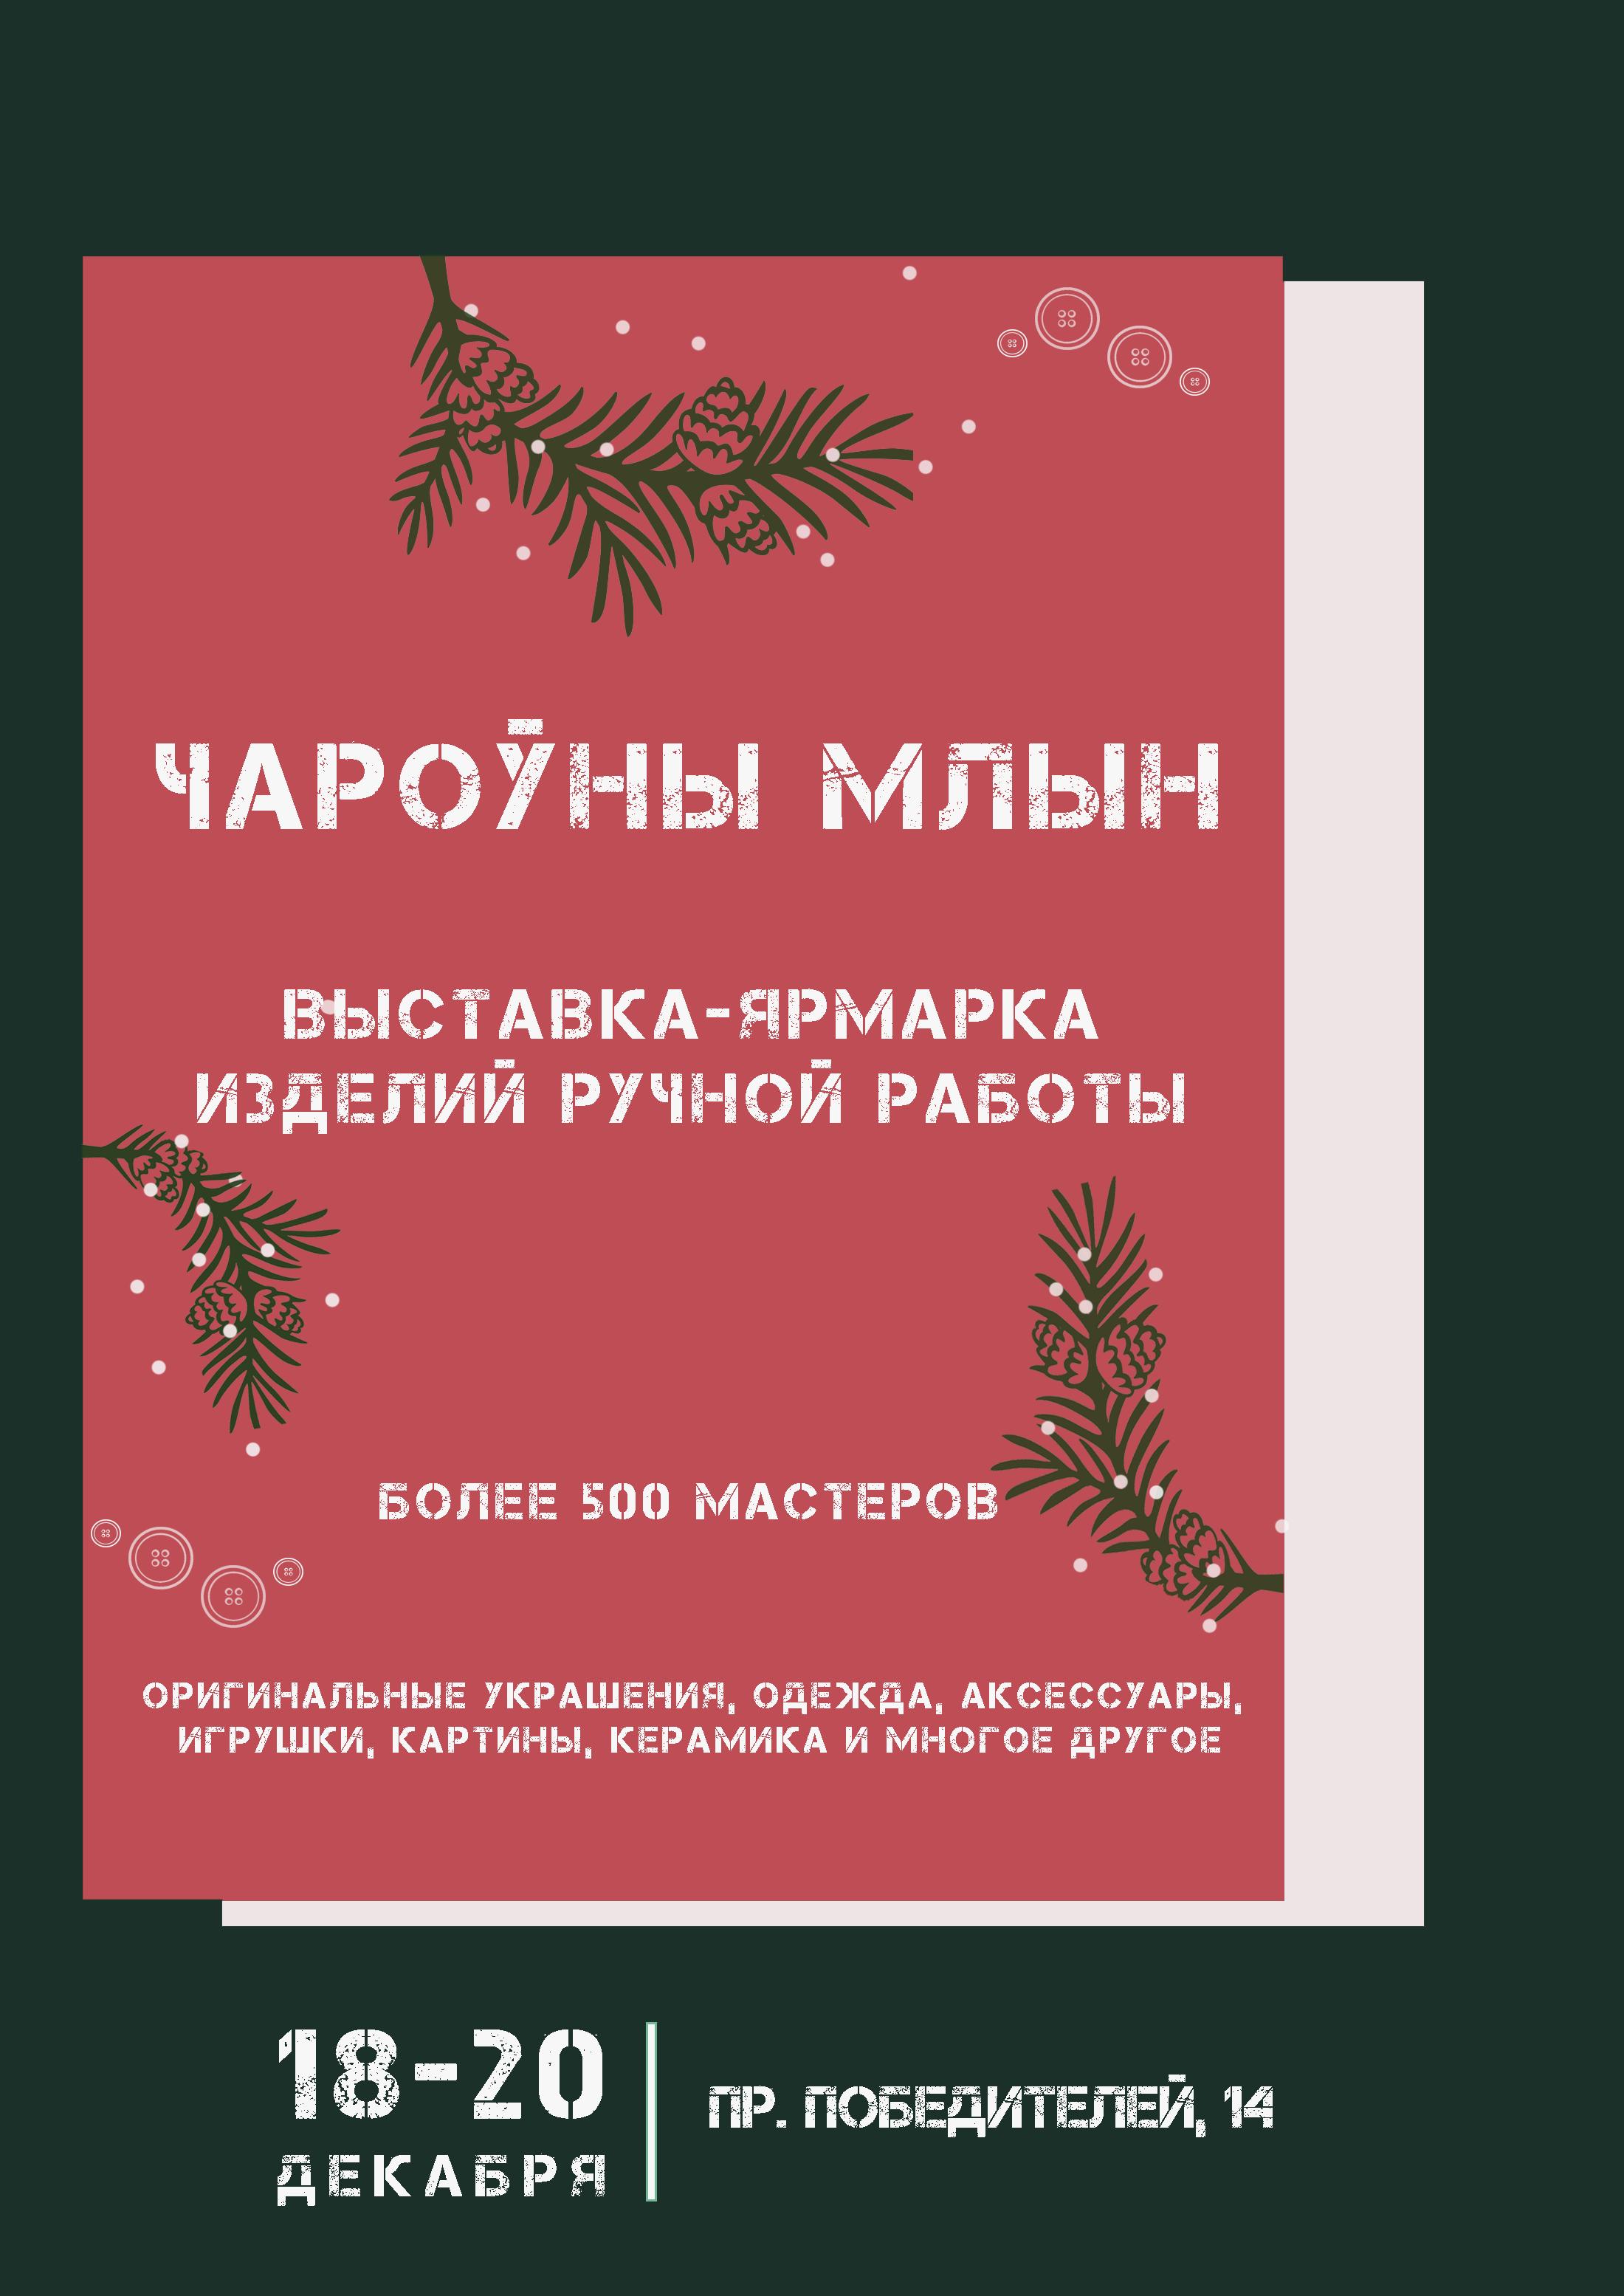 Дизайн новогодней афиши для выставки изделий ручной работы фото f_3965f89eb854a582.png